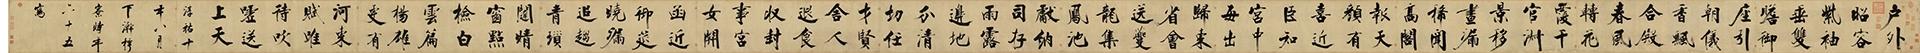 南宋 张即之 行书社甫全文 纸本1257x34